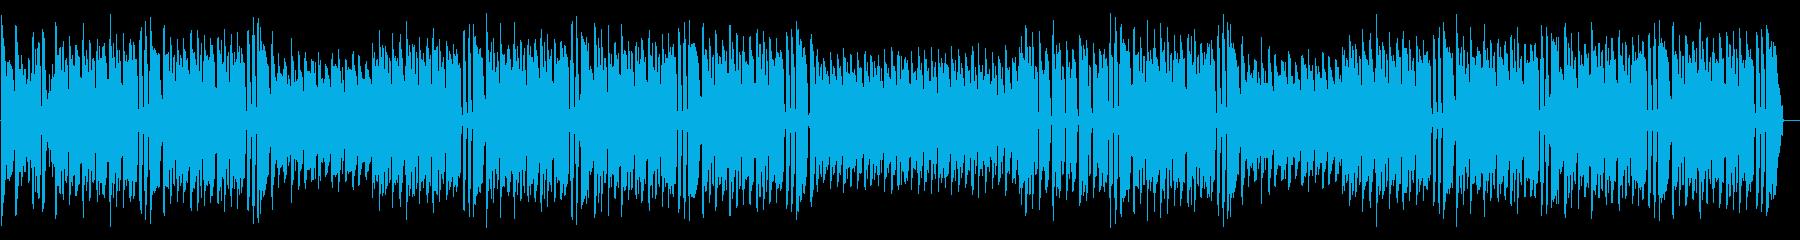 パリピ感のあるパーティーミュージックの再生済みの波形